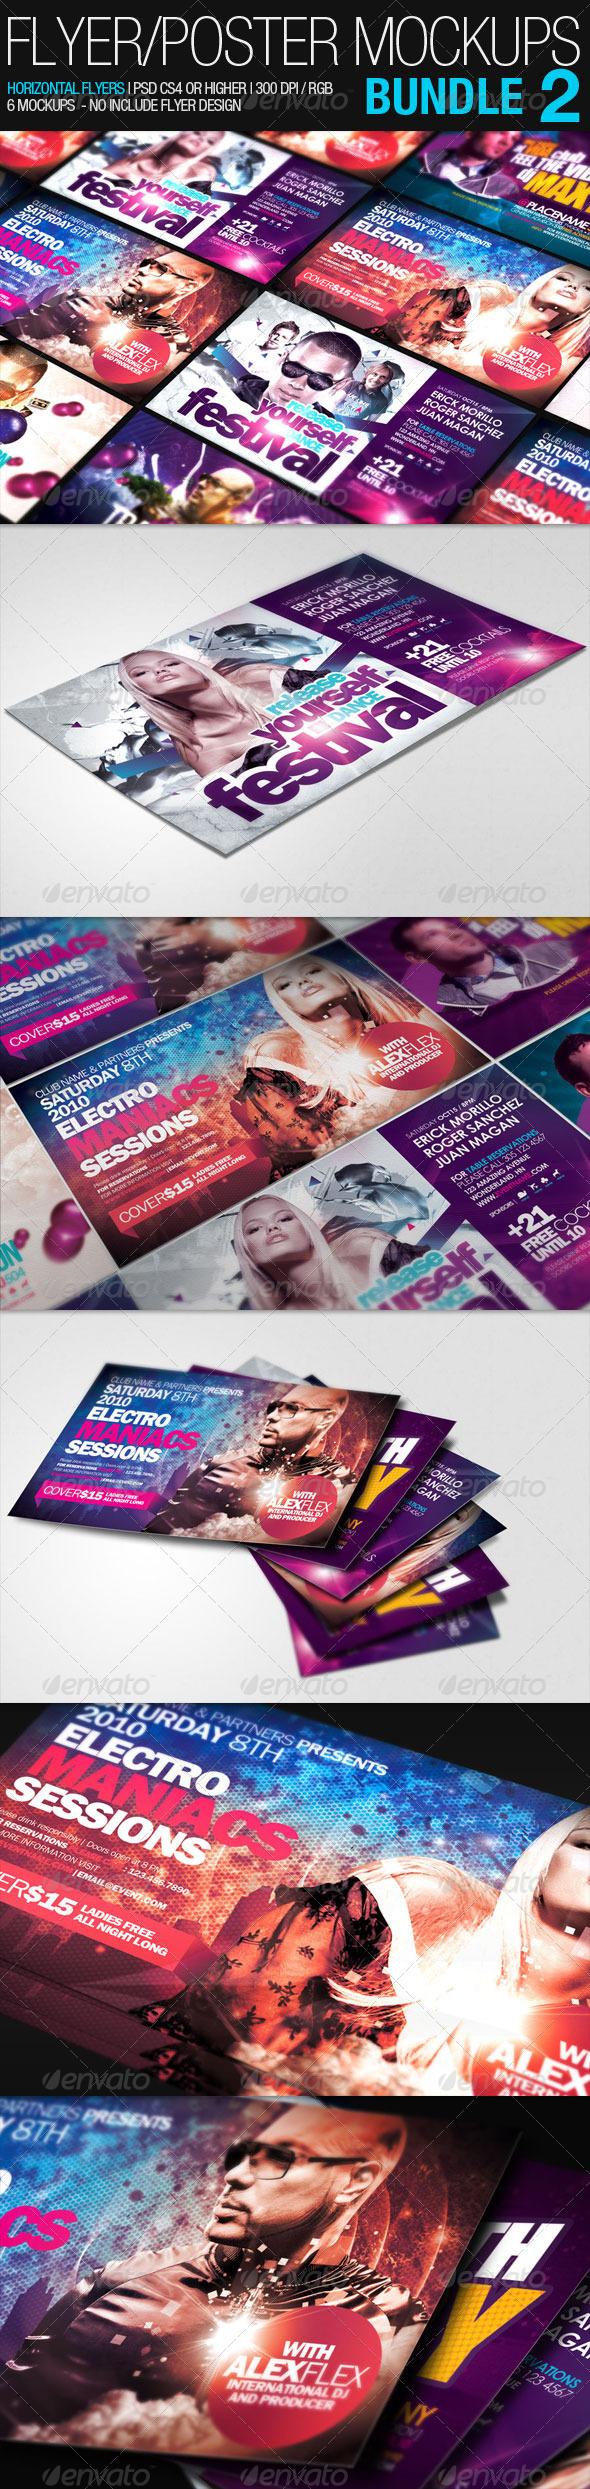 GraphicRiver Flyer Poster Mockups Bundle 02 1592805